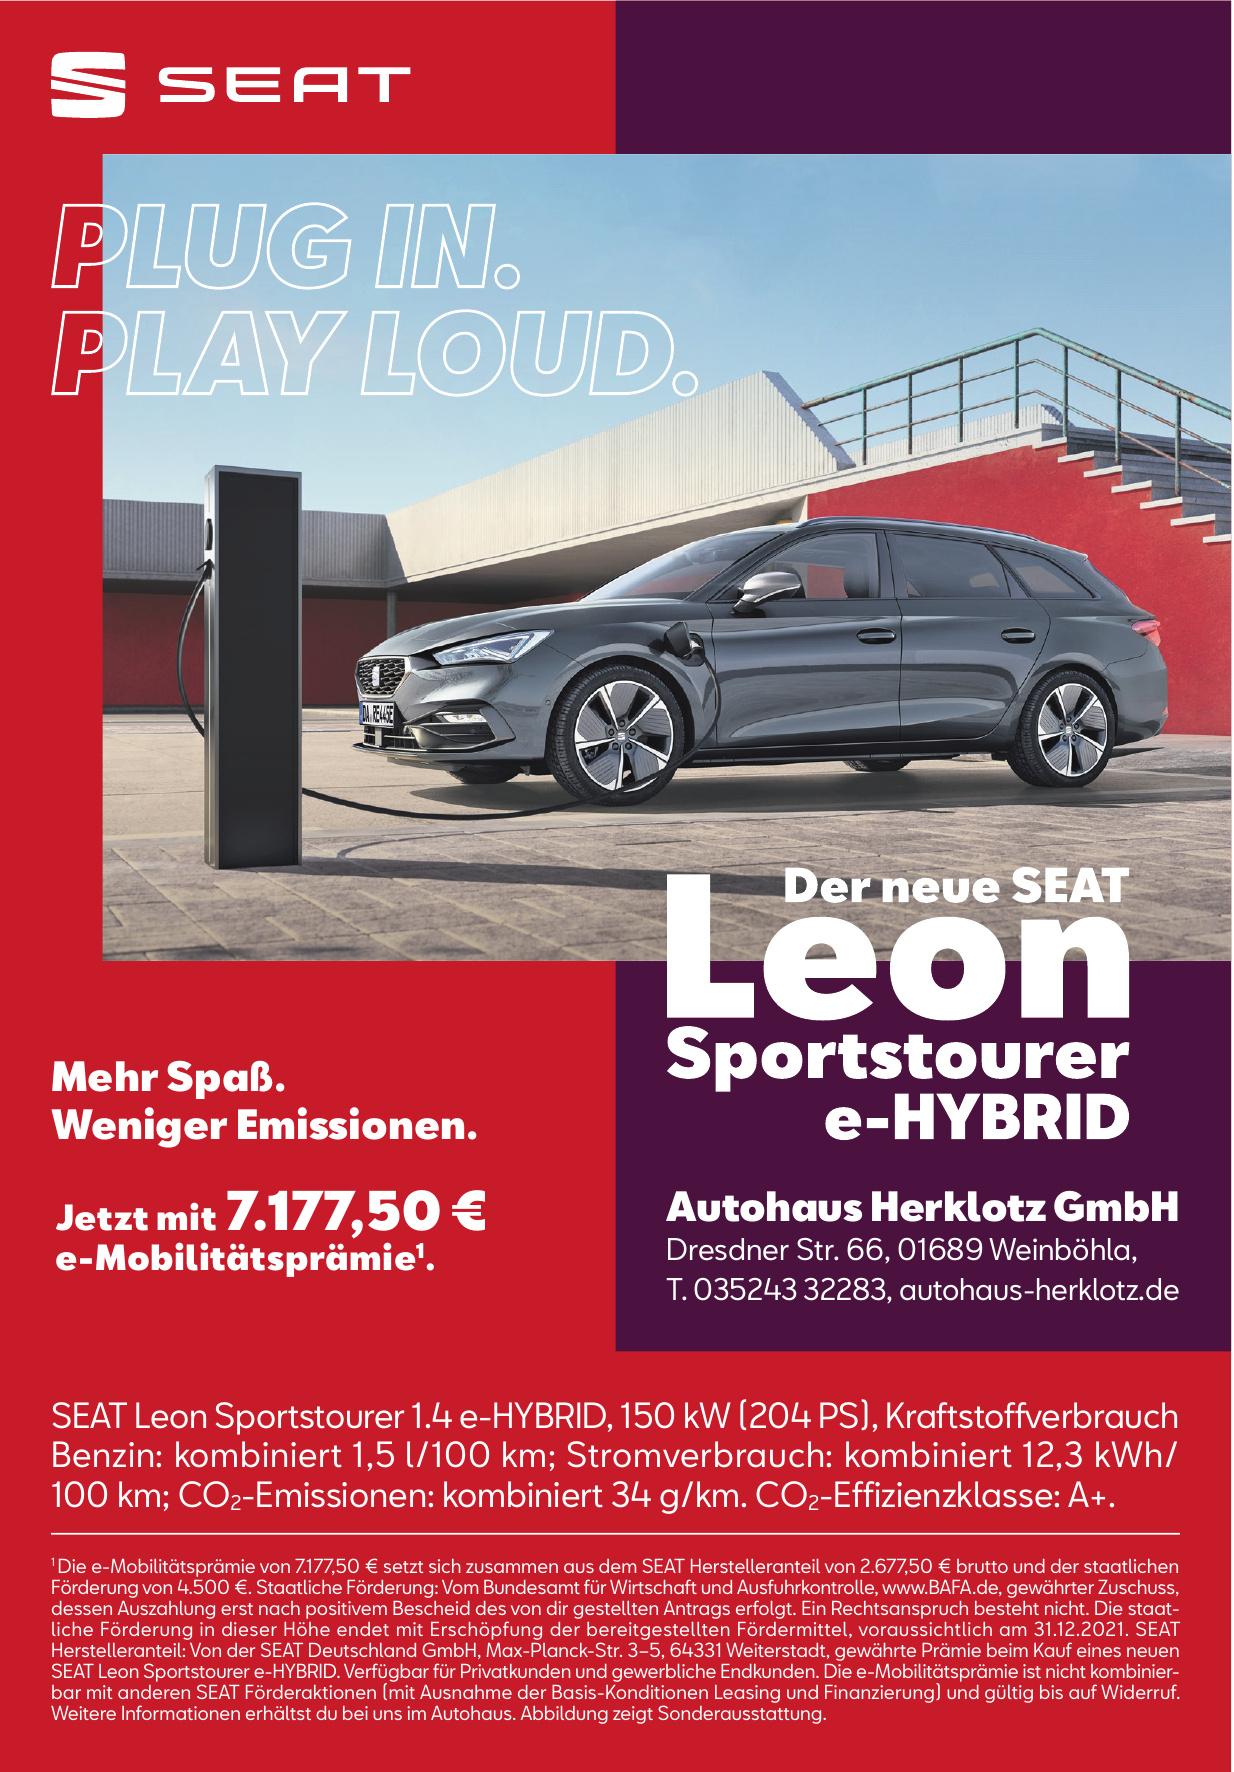 Autohaus Herklotz GmbH